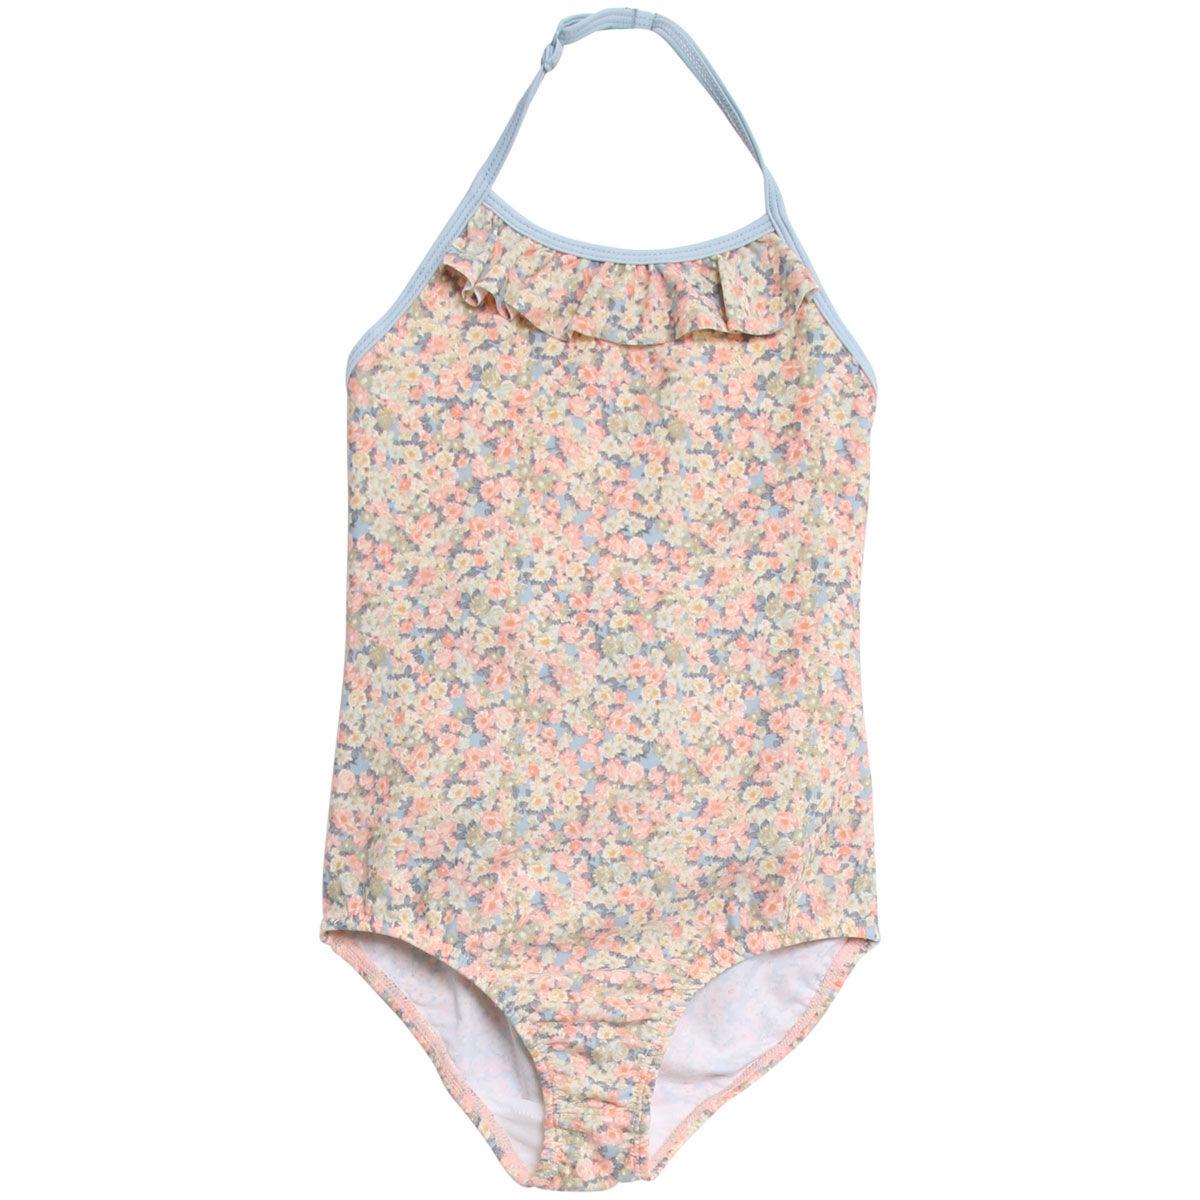 d7f216c8 havfrue badedrakt barn på nettet - Hos oss finner du havfrue ...